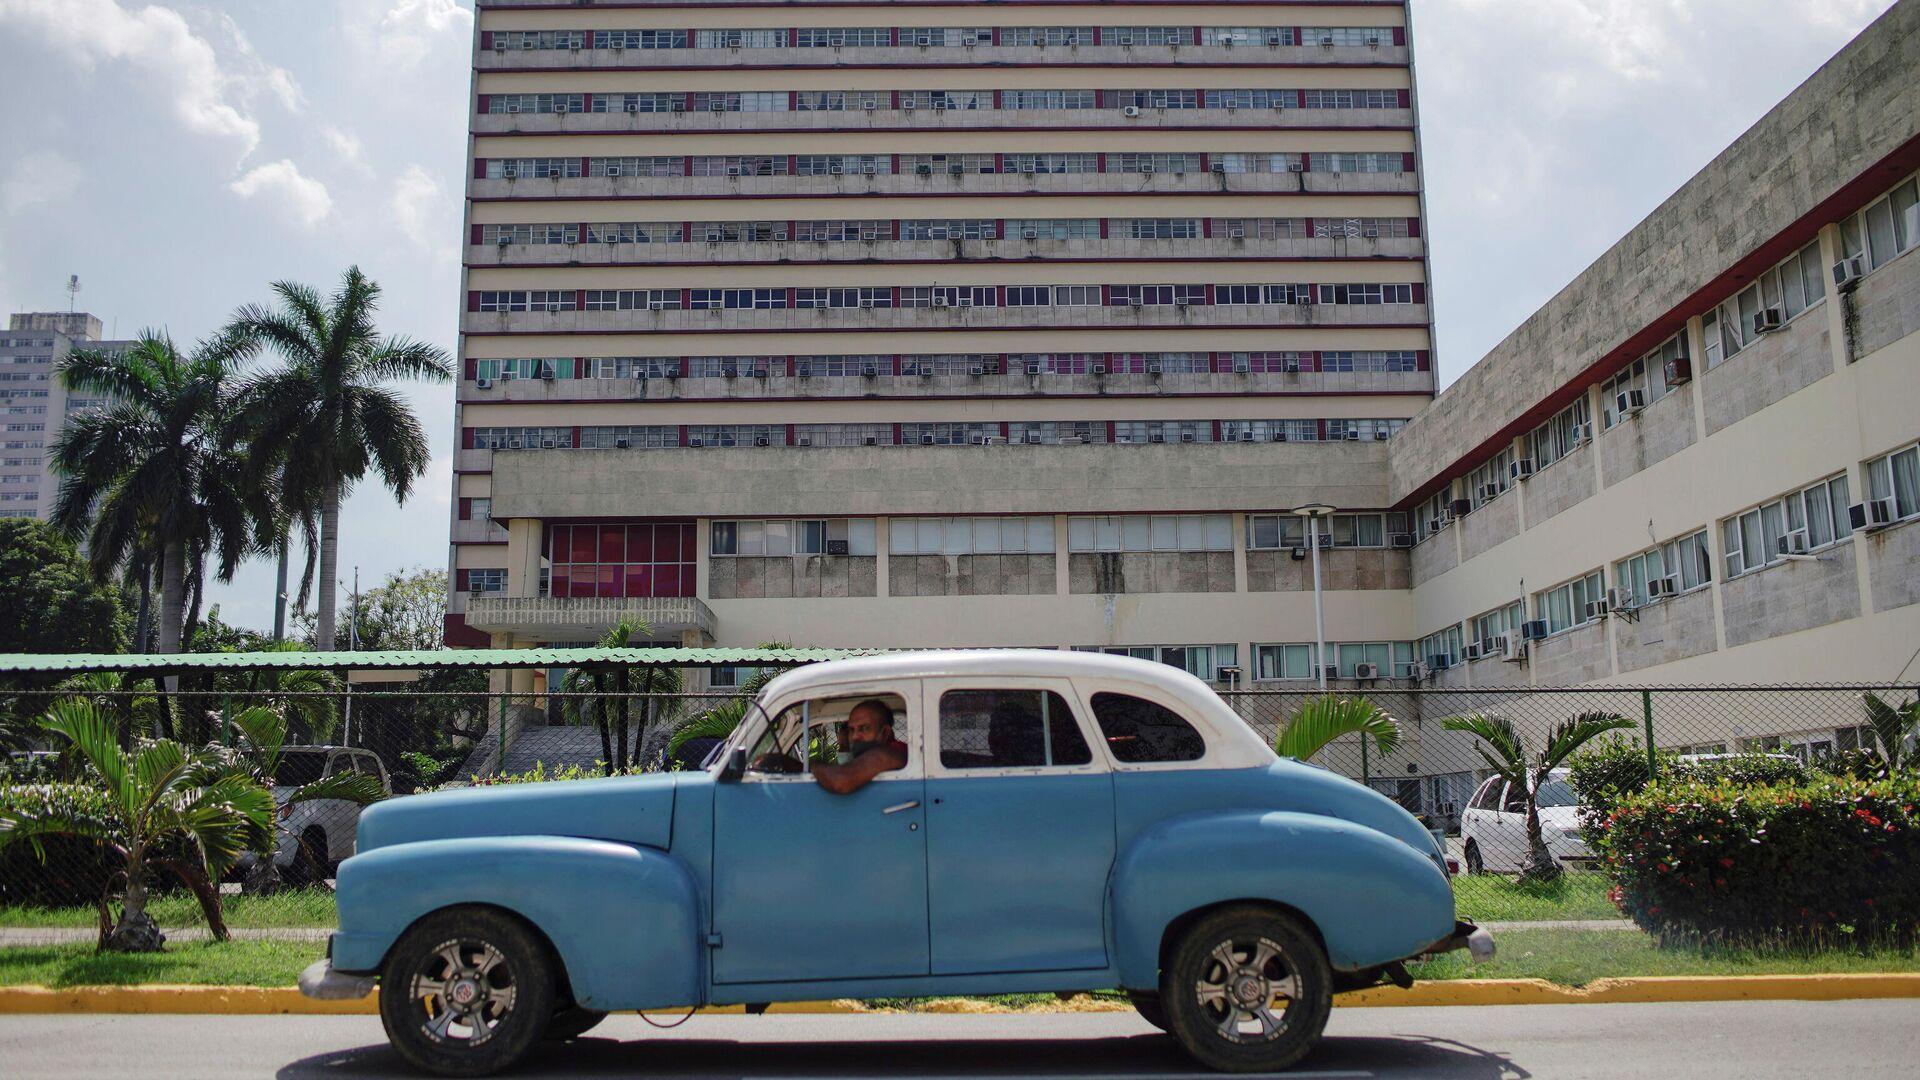 Un coche en la Habana, Cuba - Sputnik Mundo, 1920, 18.03.2021